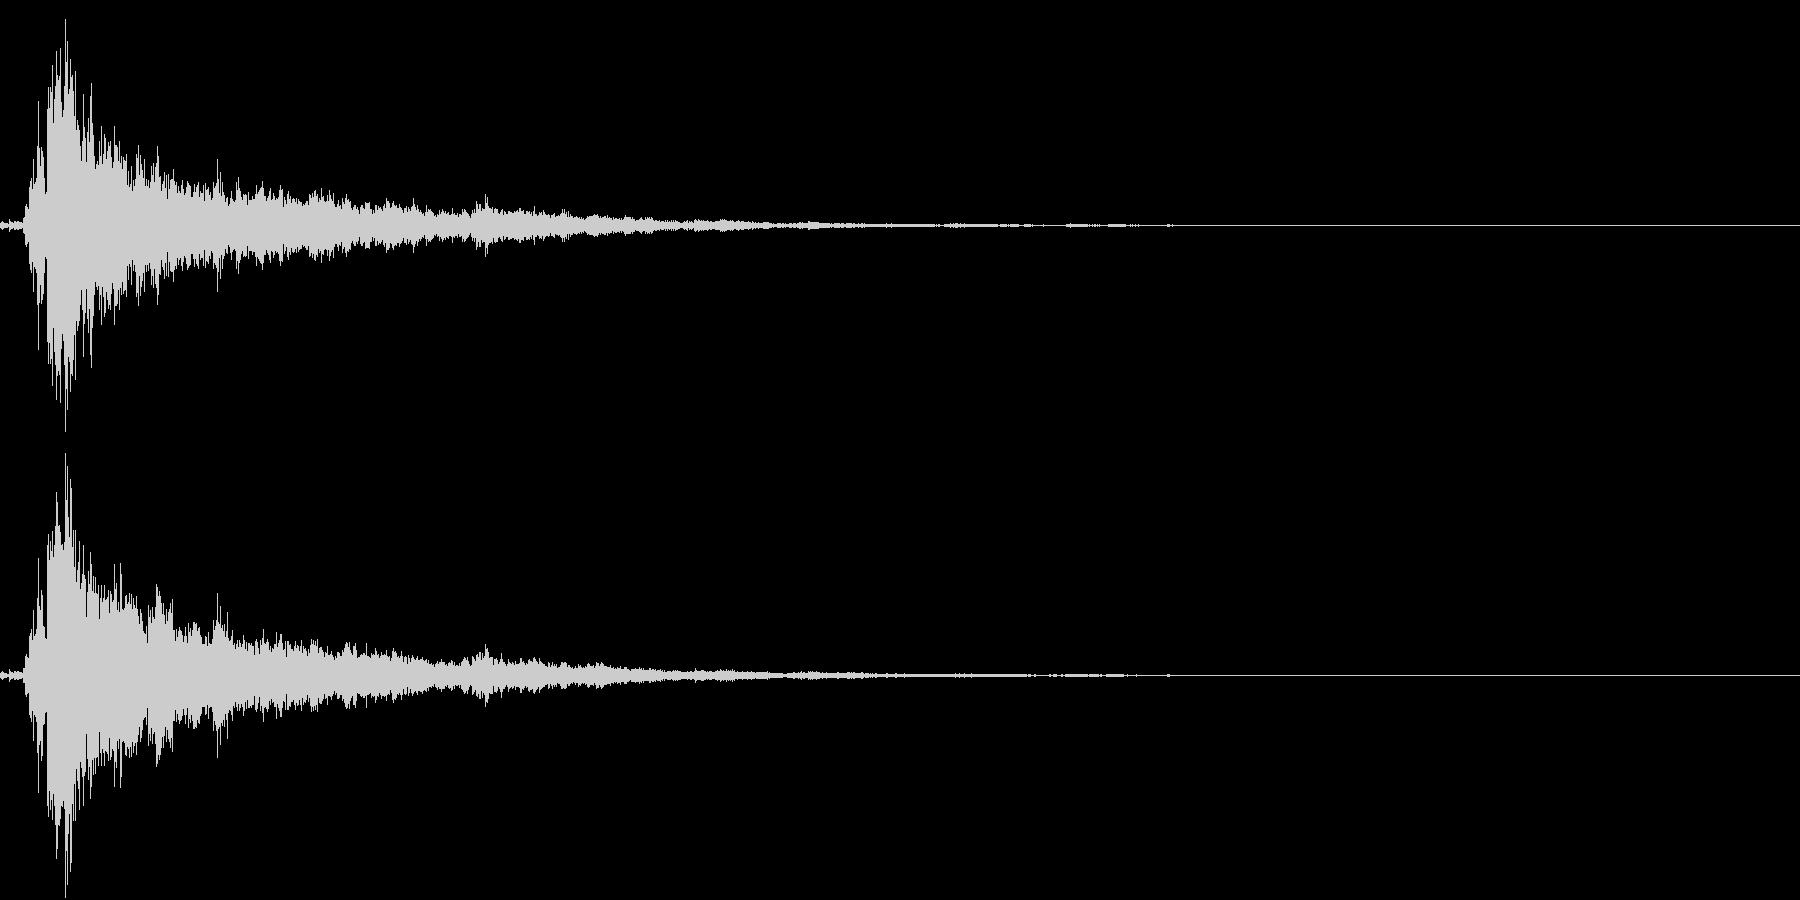 「シャン〜〜」象徴的な鈴の音1+リバーブの未再生の波形